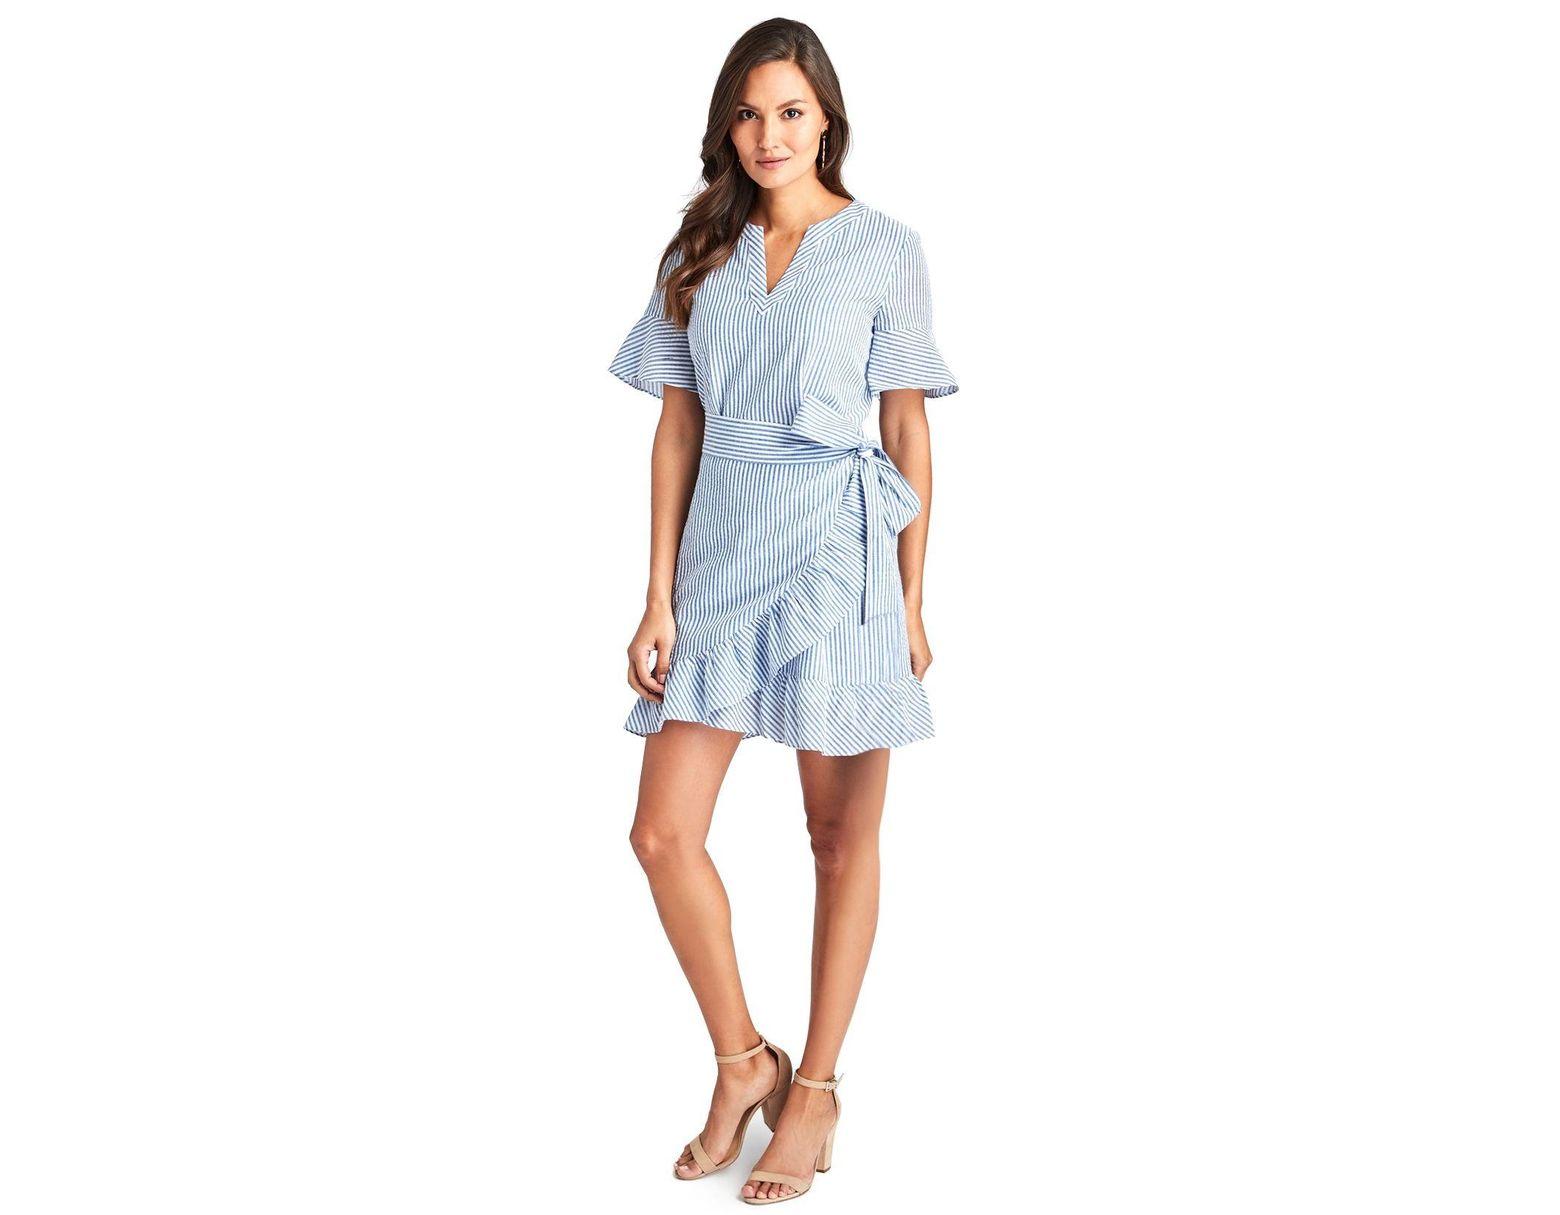 a0ef87a792 Vineyard Vines Seersucker Wrap Dress in Blue - Lyst